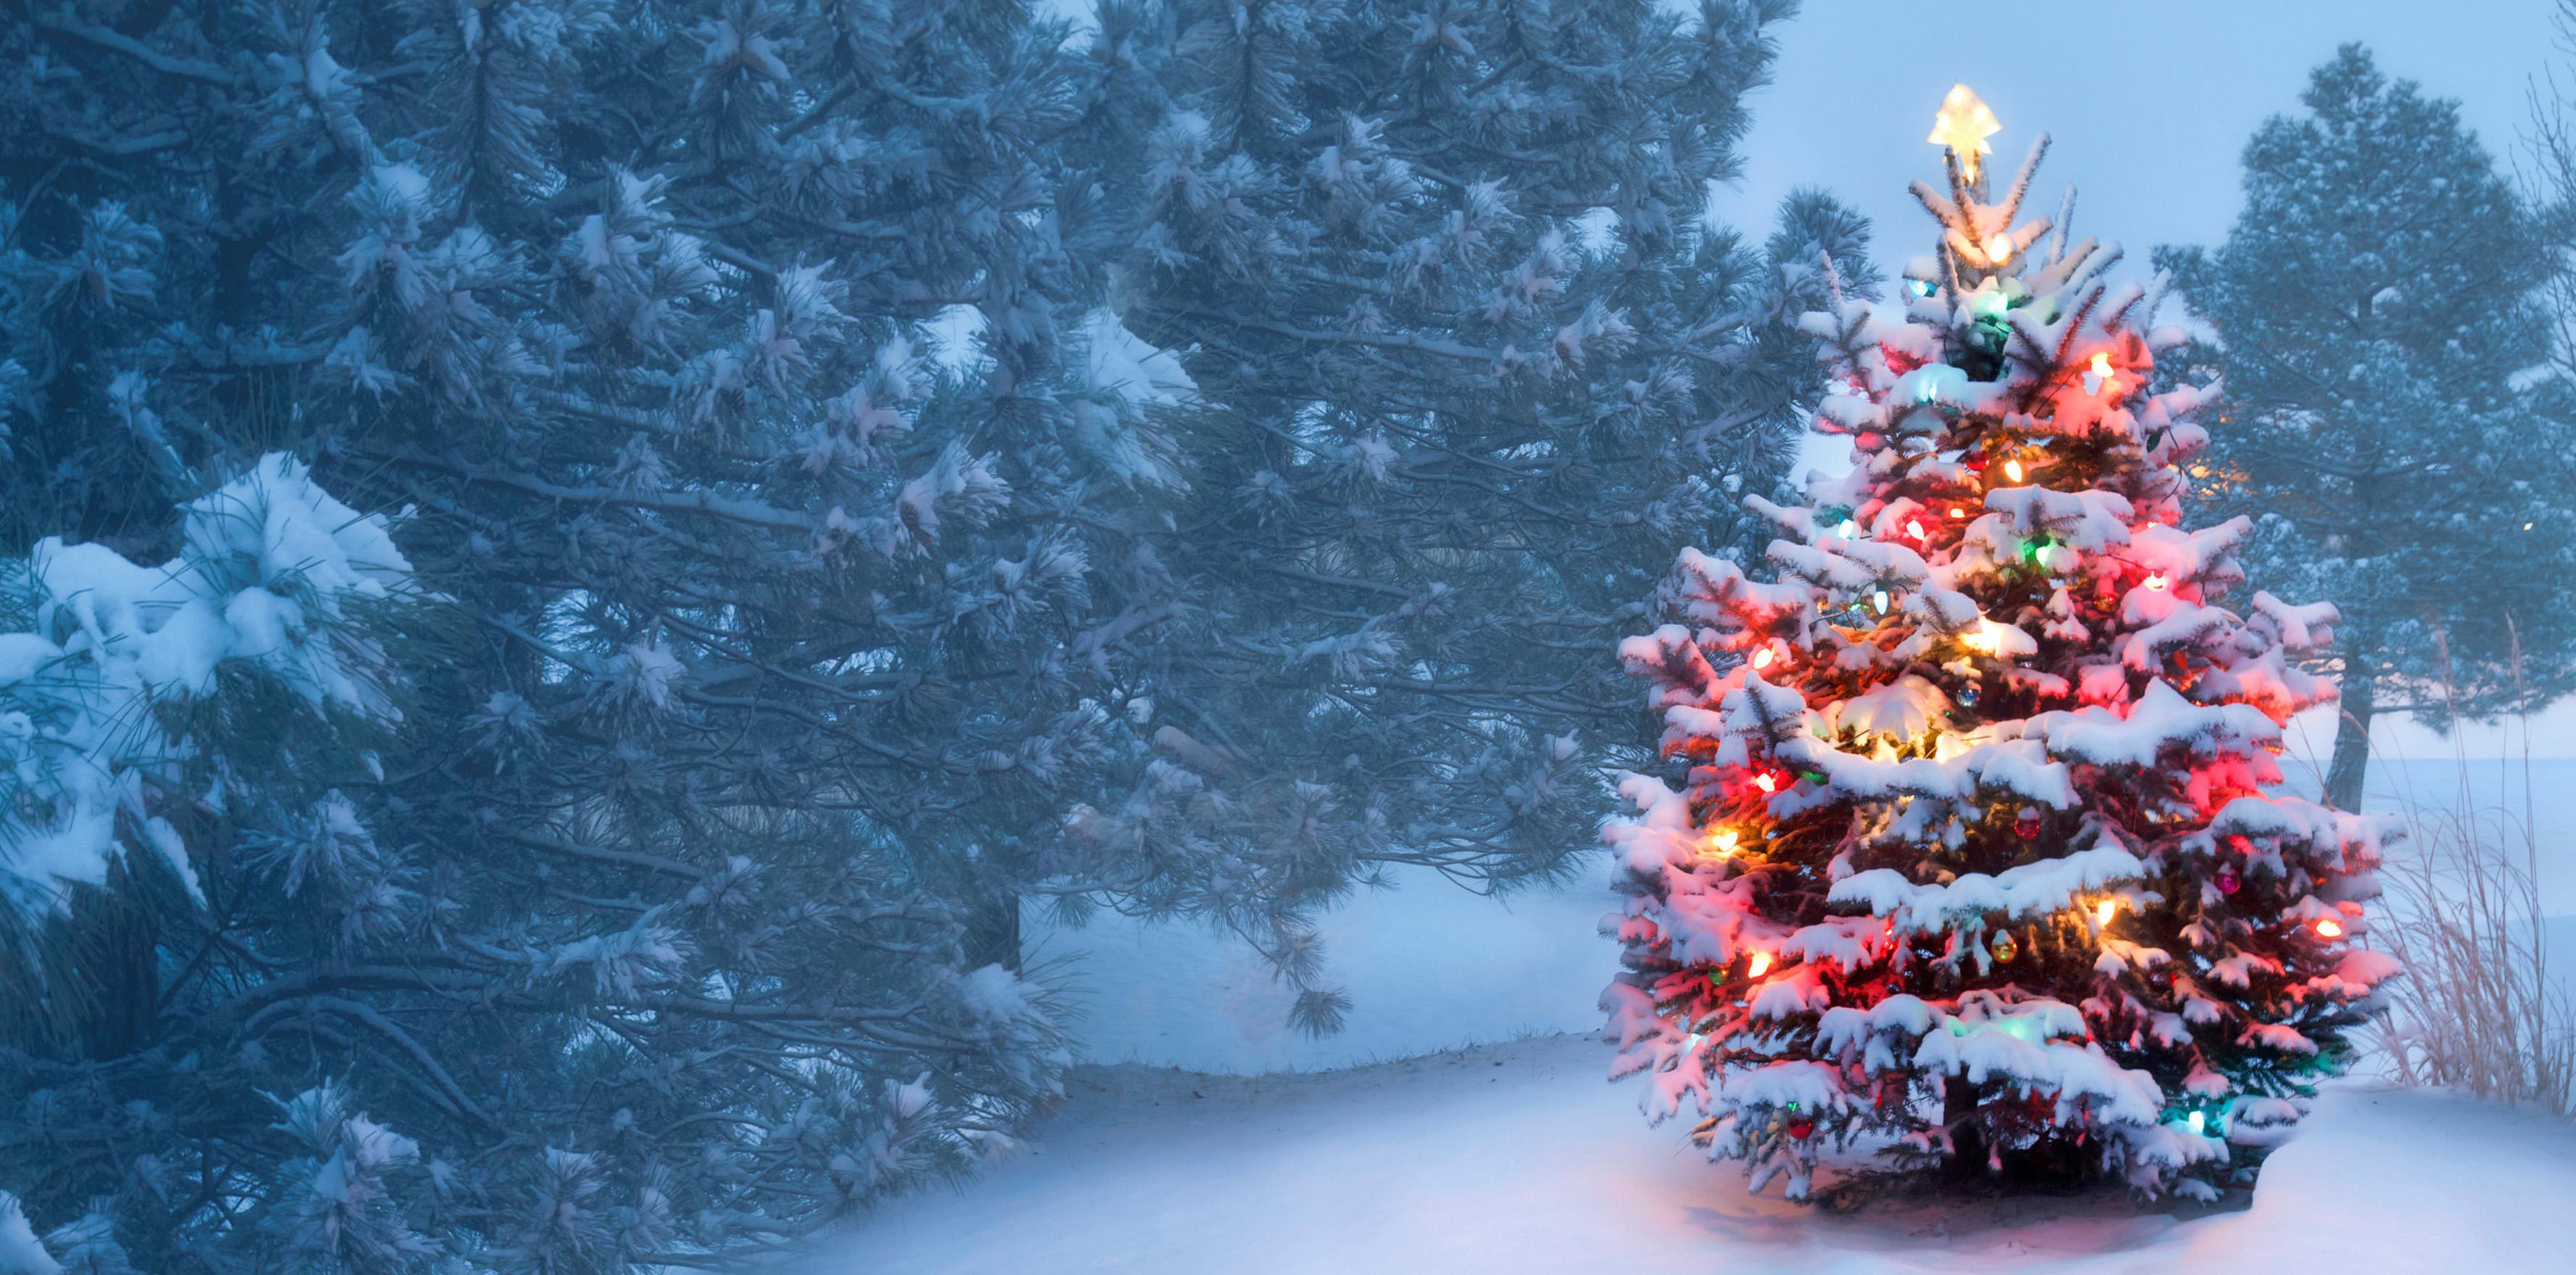 Tunbridge Wells is Christmas